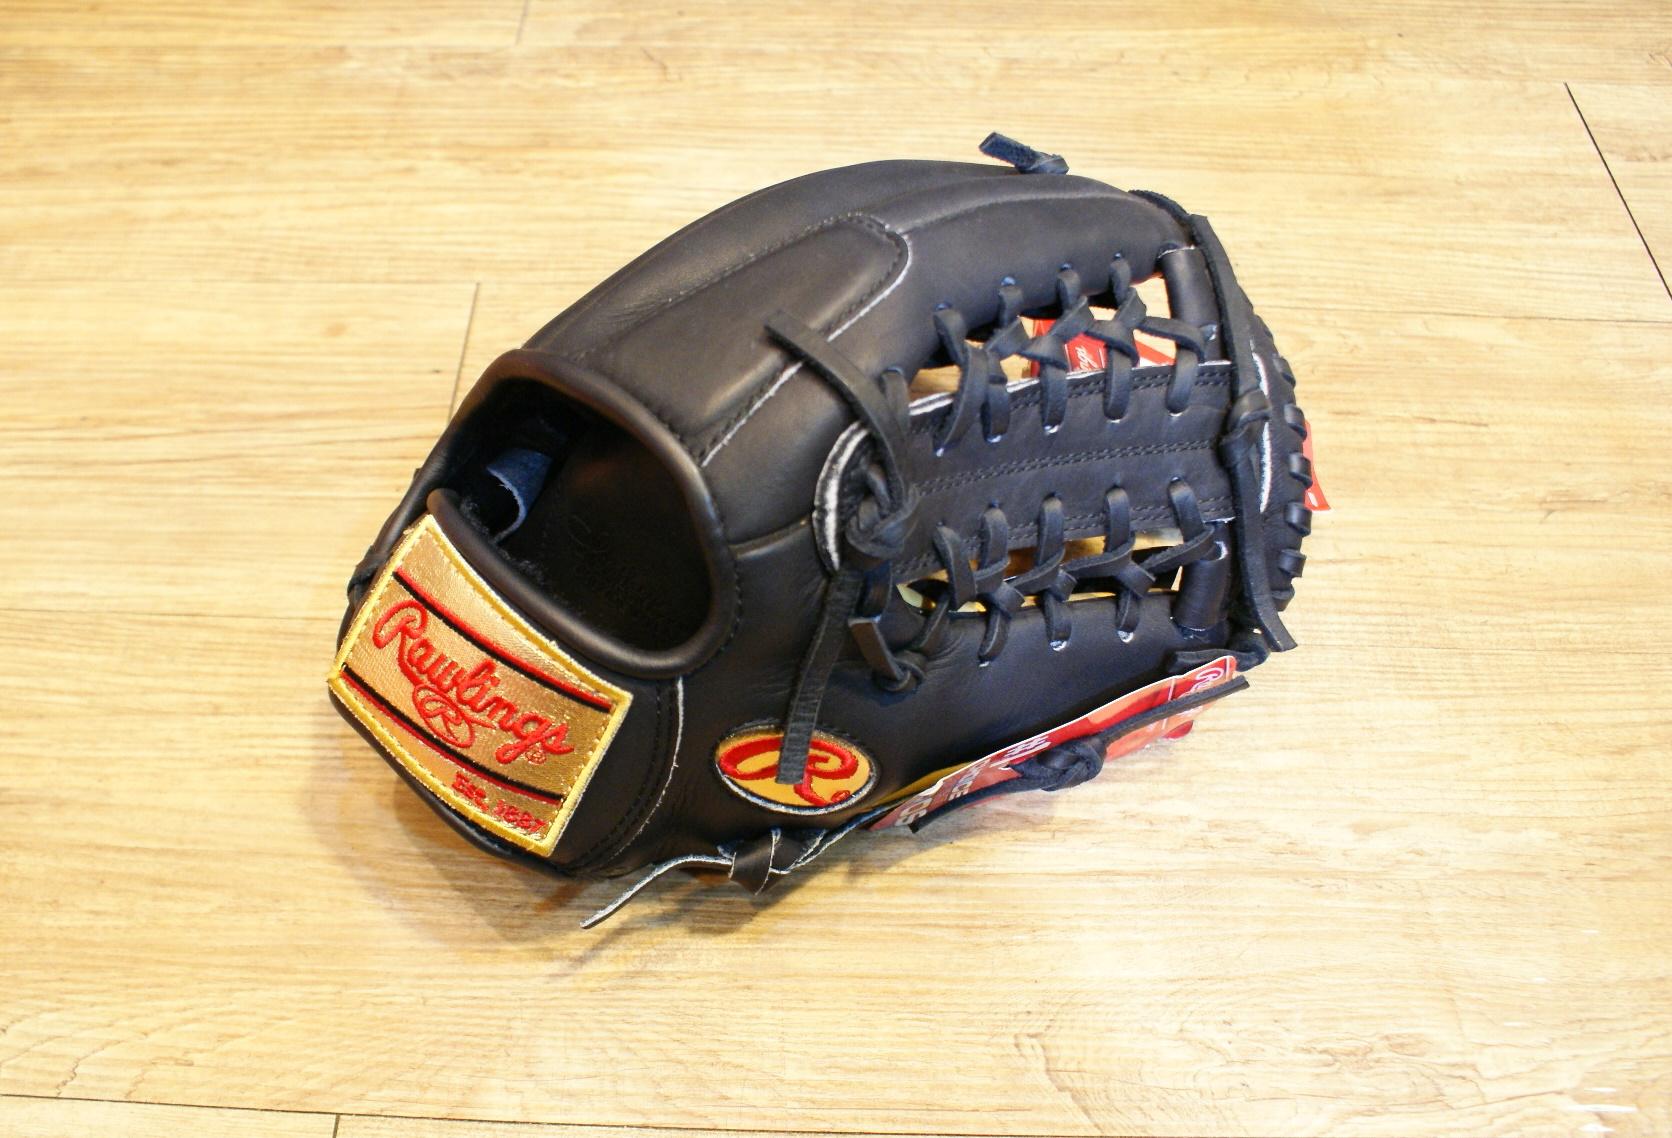 棒球世界全新 Rawlings Gold Glove 金手套系列 GG204 11.5 棒壘球手套 特價